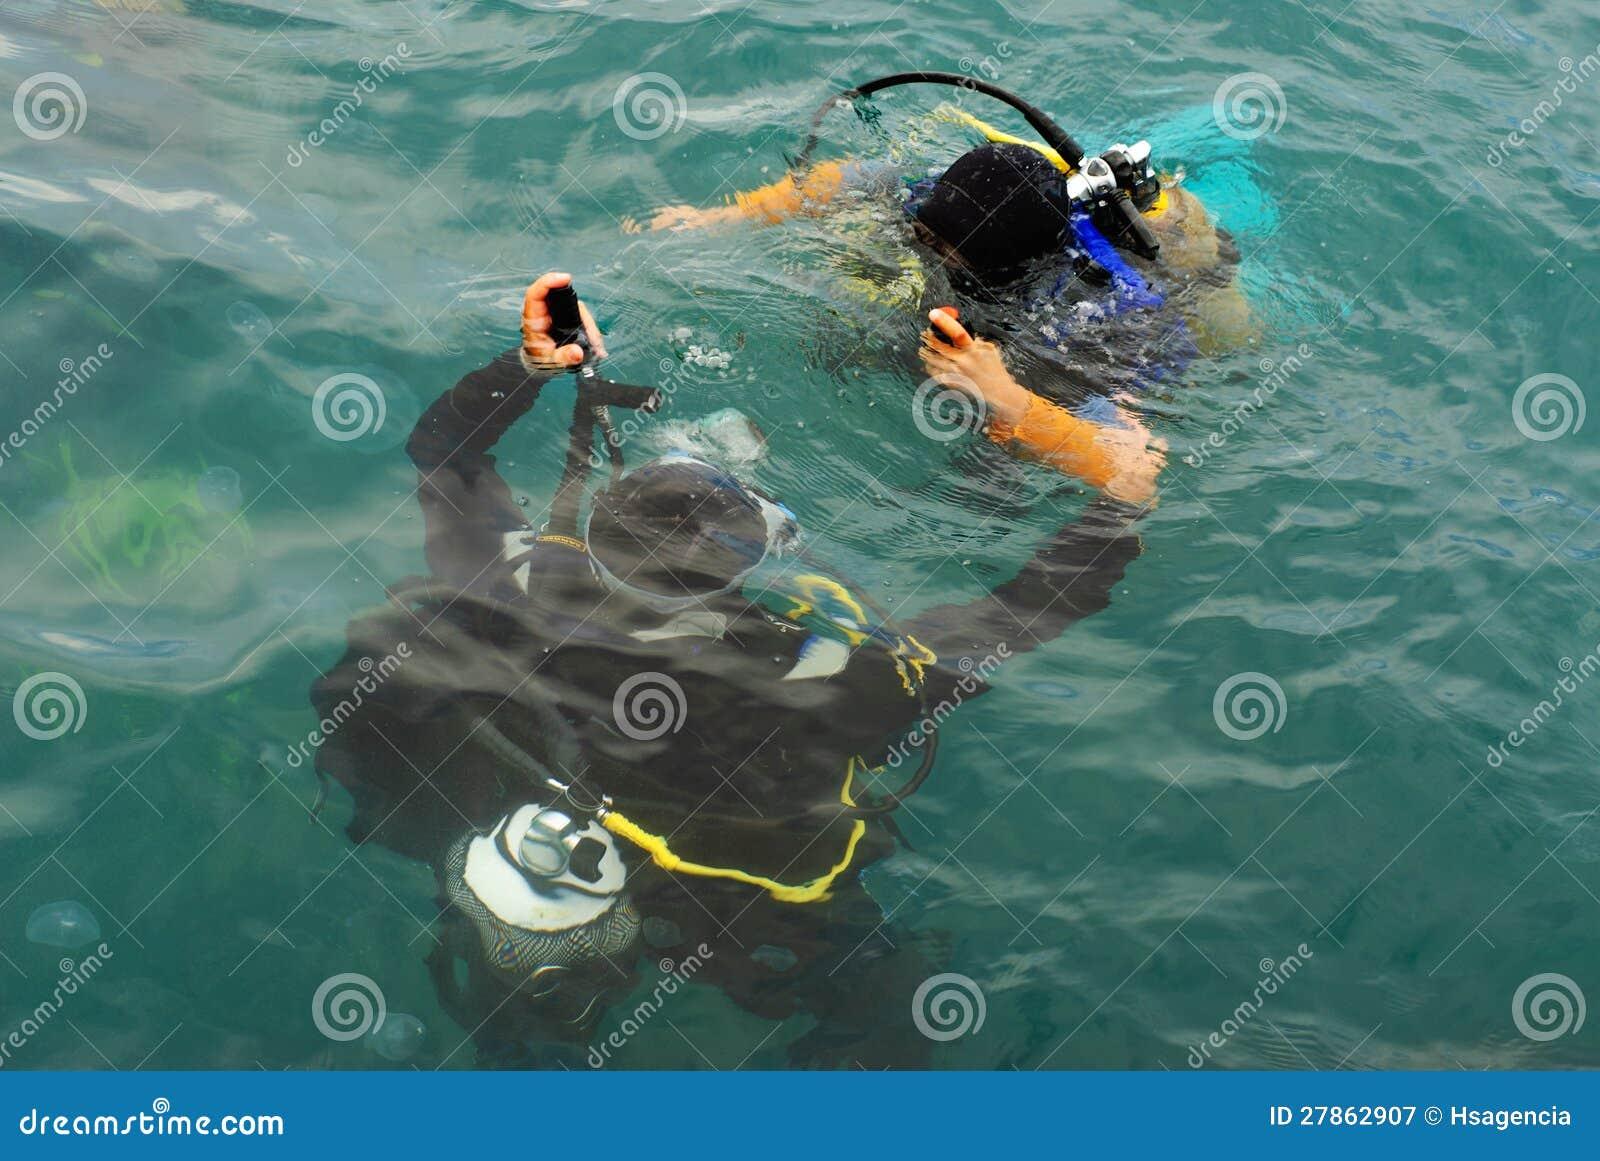 Akwalungu nurków akwalungu nur w morzu